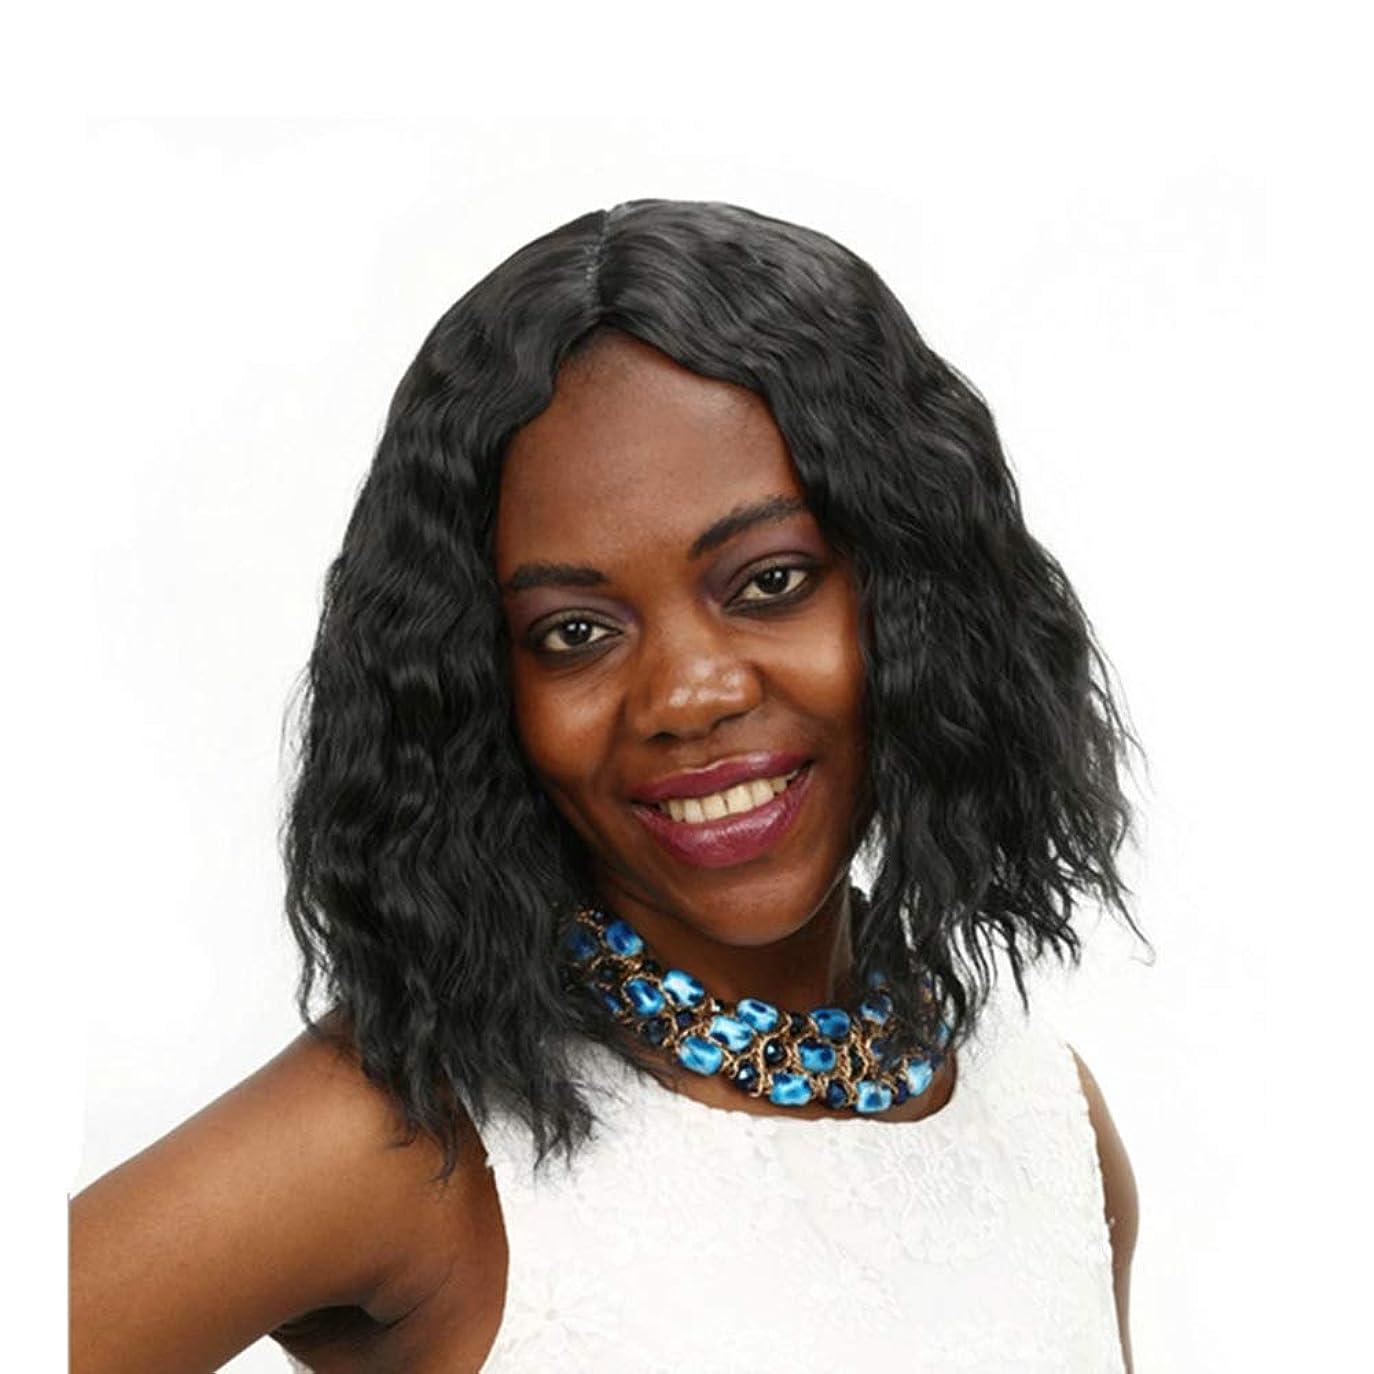 ペリスコープアサート構想するYrattary アフリカの女性の黒のかつらショートカーリーヘアフルヘッドナチュラル探し (色 : 黒)